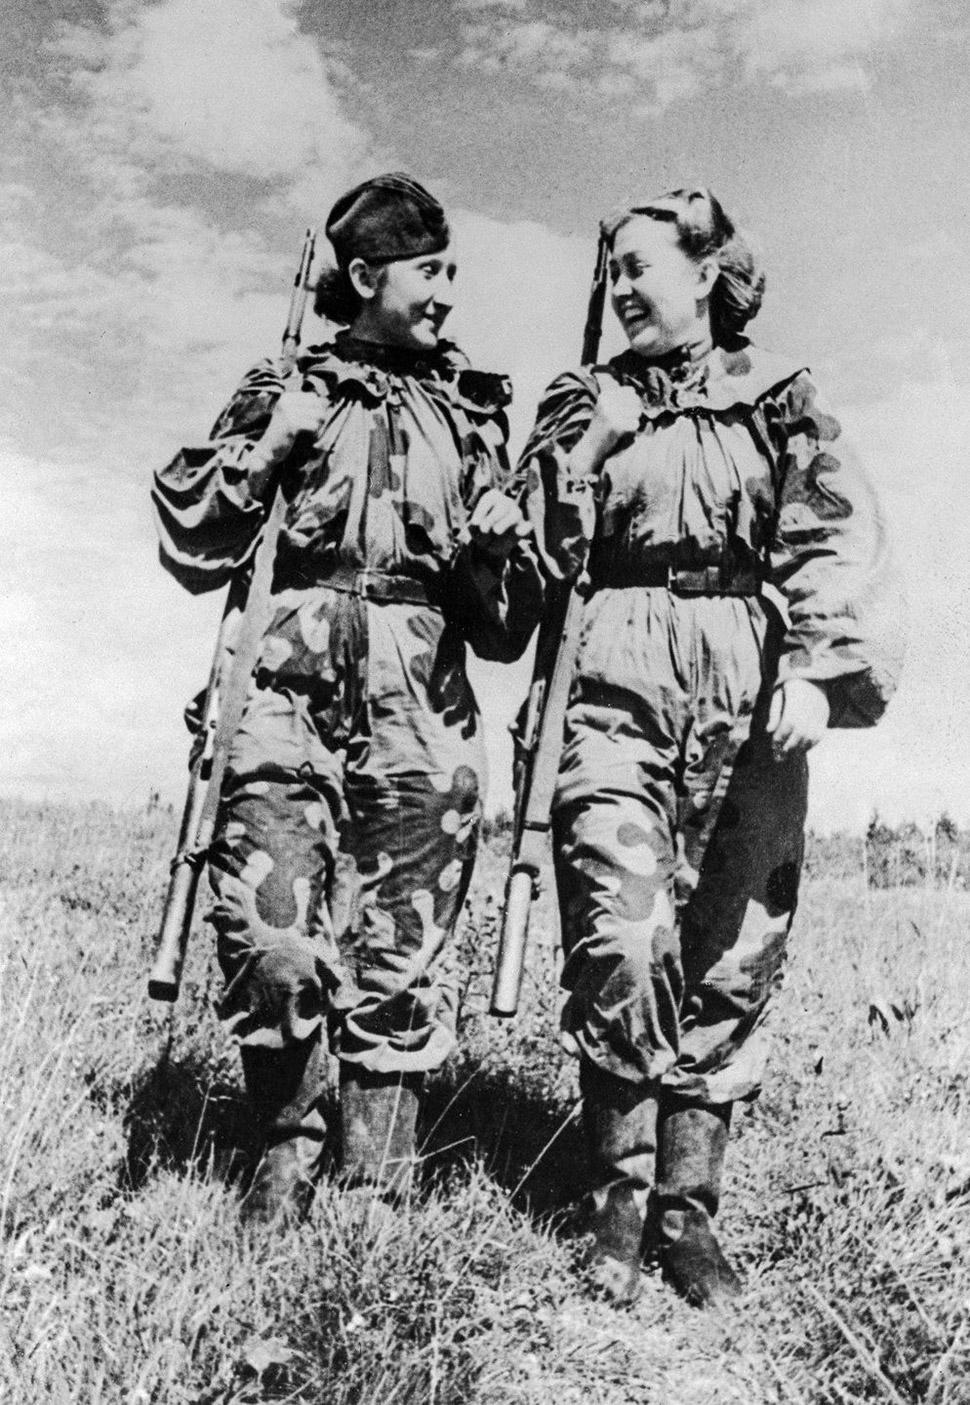 24 ноября 1943 года, снайперы О. Быкова и Р. Скрипникова возвращаются с боевого задания.